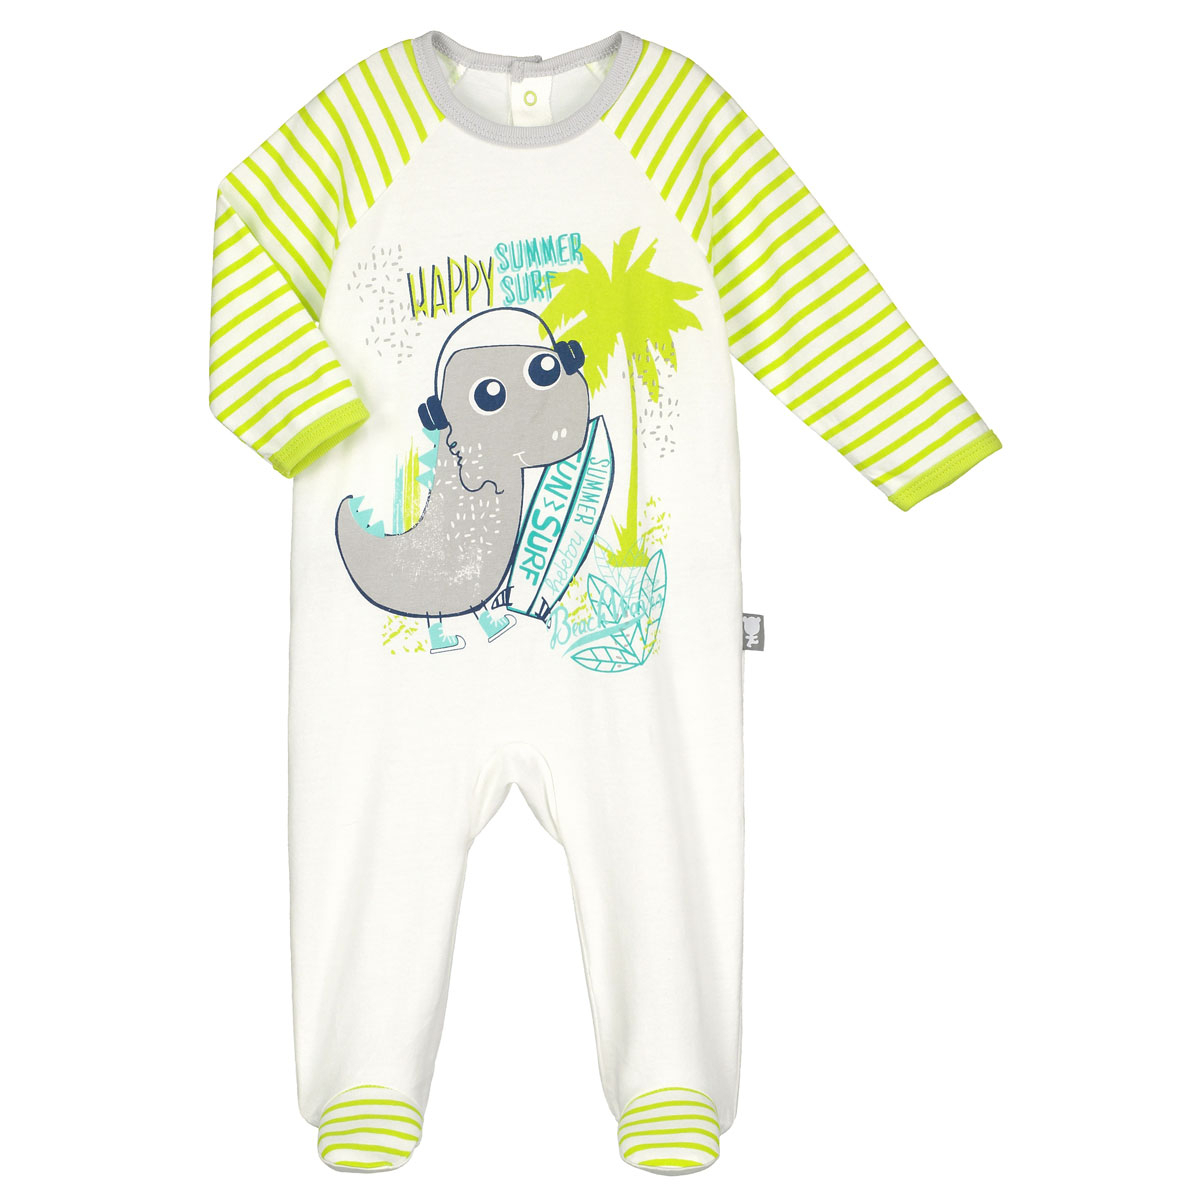 6879a1bcb4f39 Pyjama bébé Dinobeach - PETIT BEGUIN